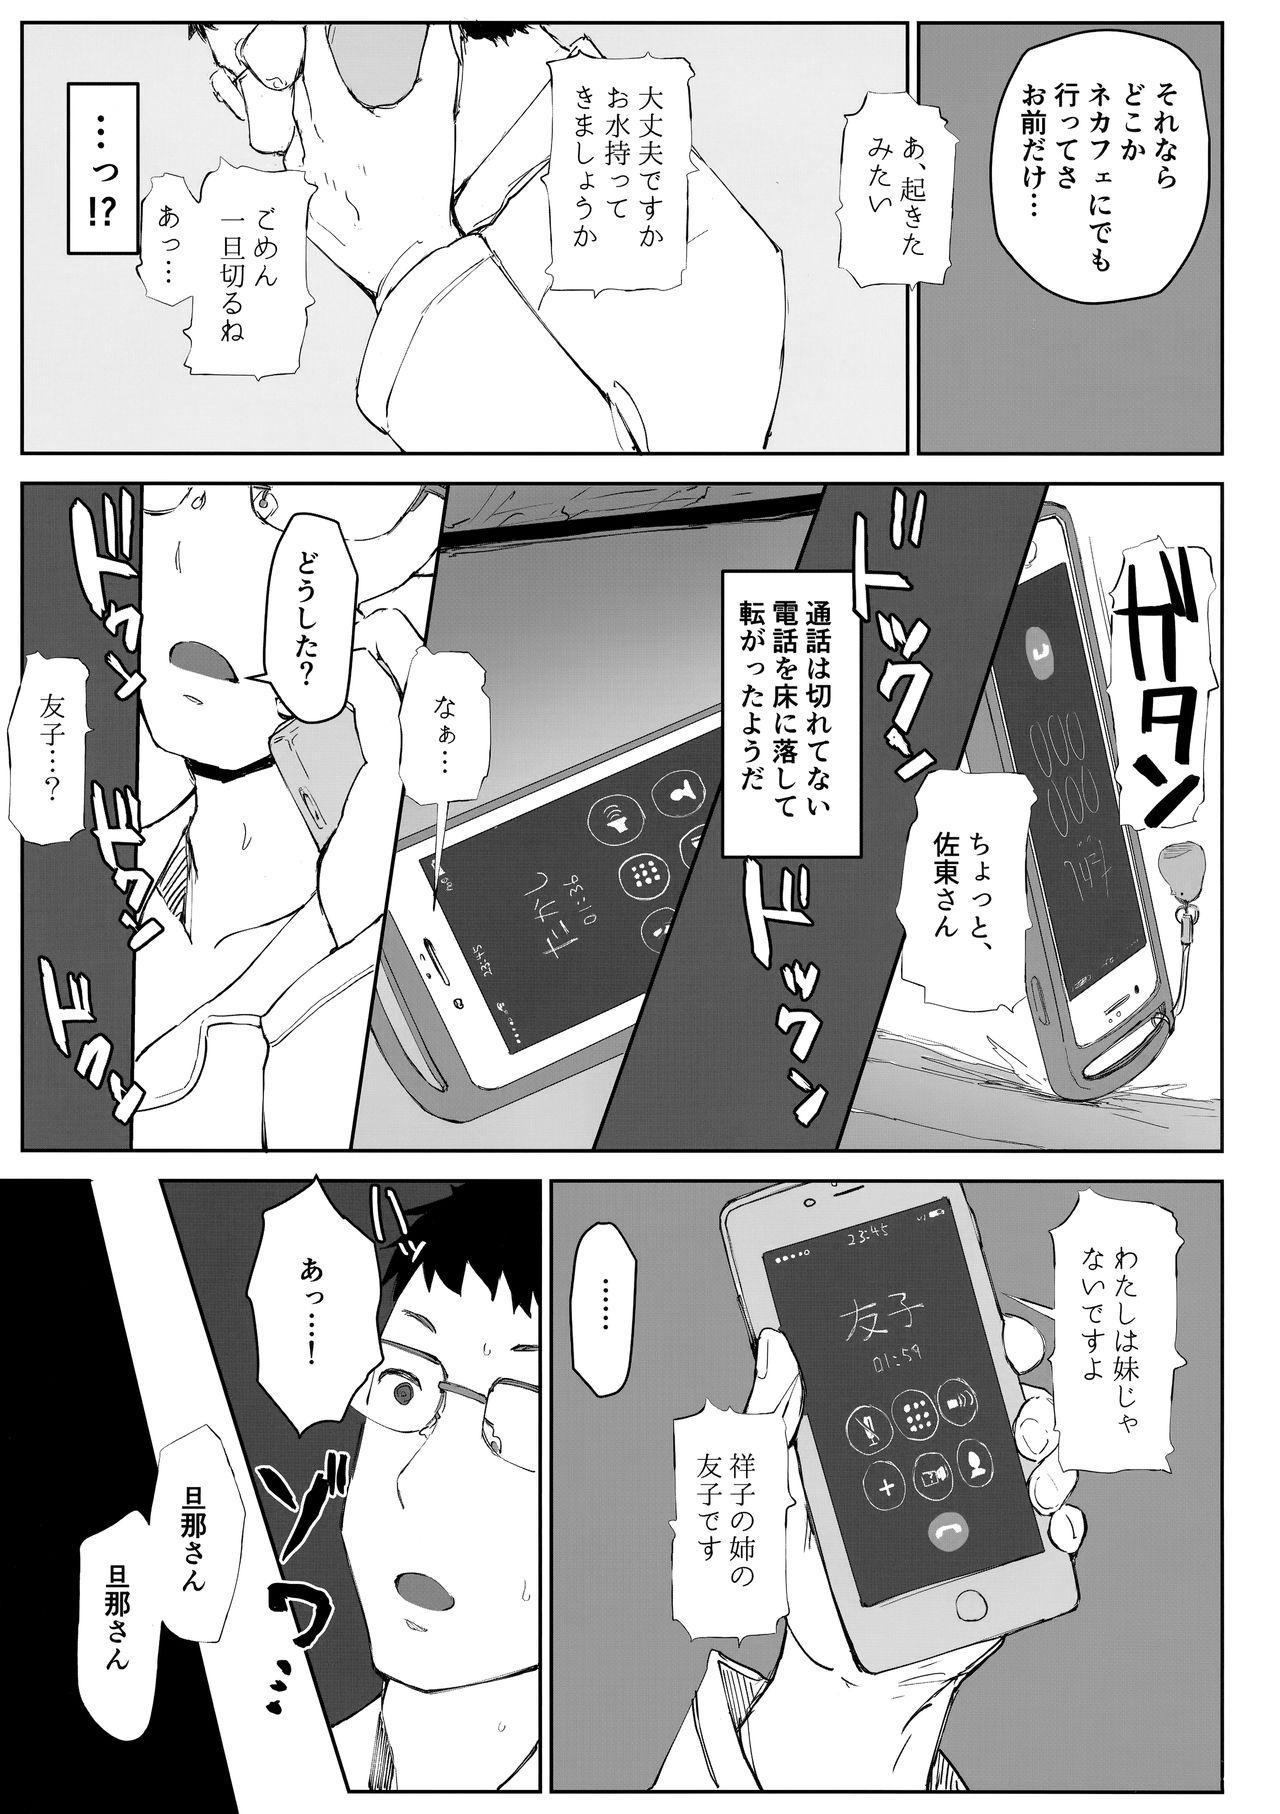 Tsuma no Imouto no Danna ga Ie ni Kiteiruyoudesu. 3